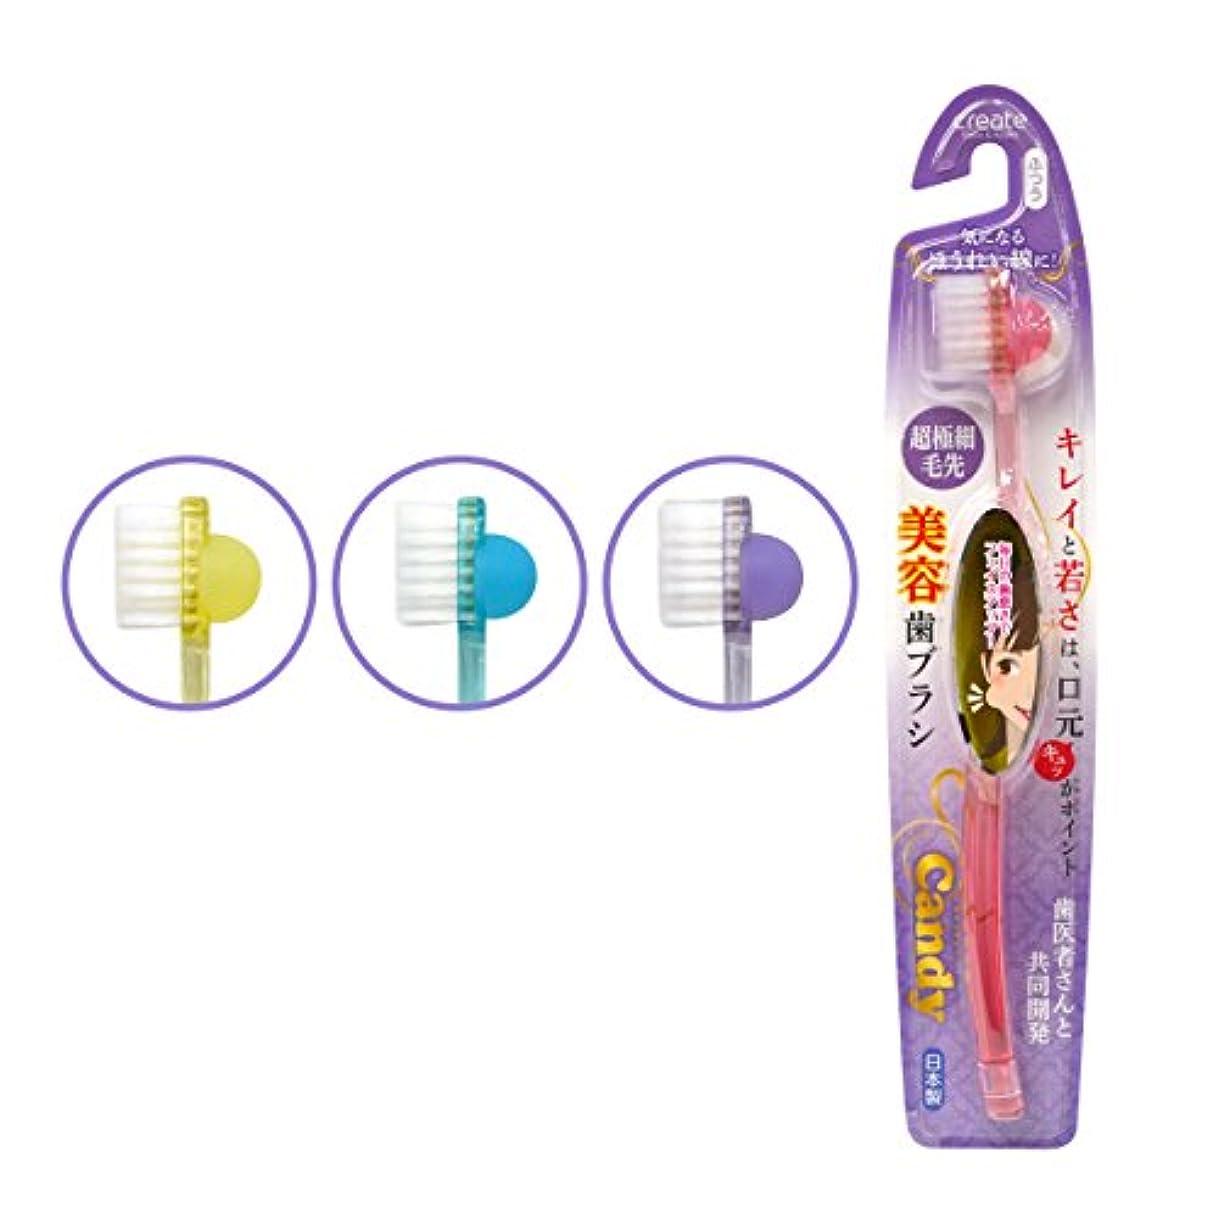 クレーターコメンテーターローブcandy(キャンディー)美容歯ブラシ ふつう ※カラーランダム